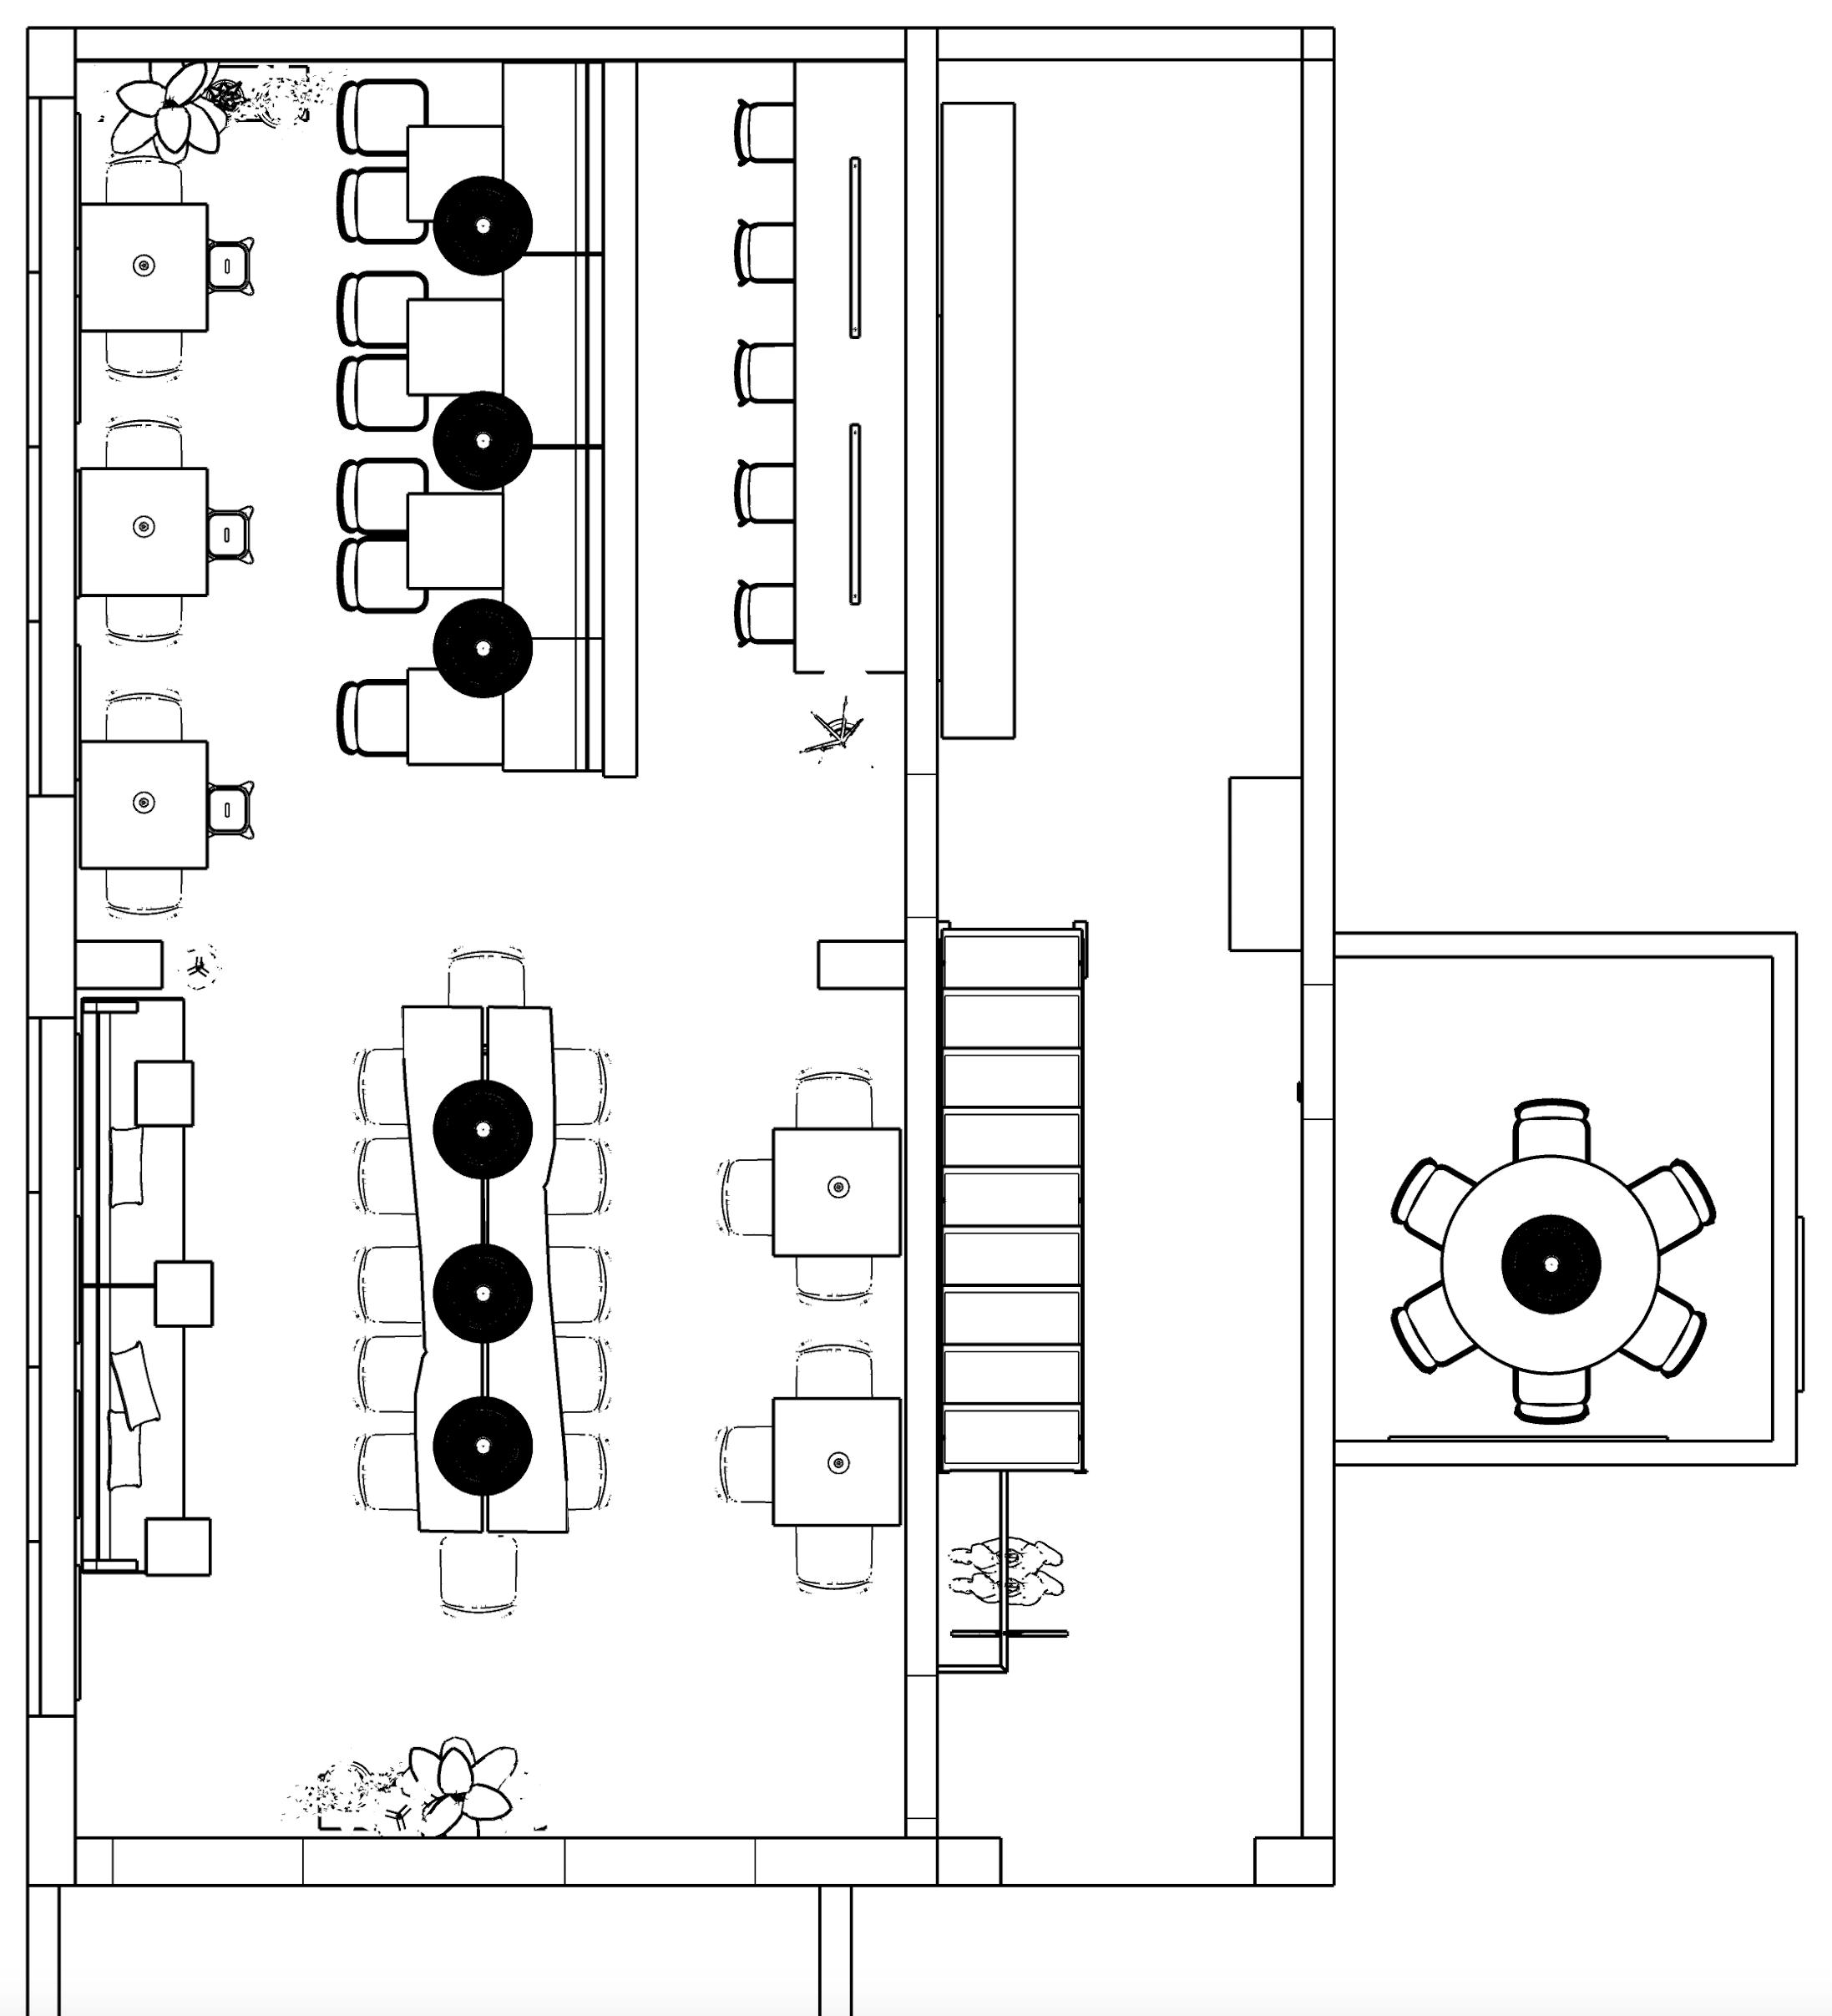 personeelskamer-inrichten-de-leukste-inrichters-plattegrond-ontwerp-zwart-wit